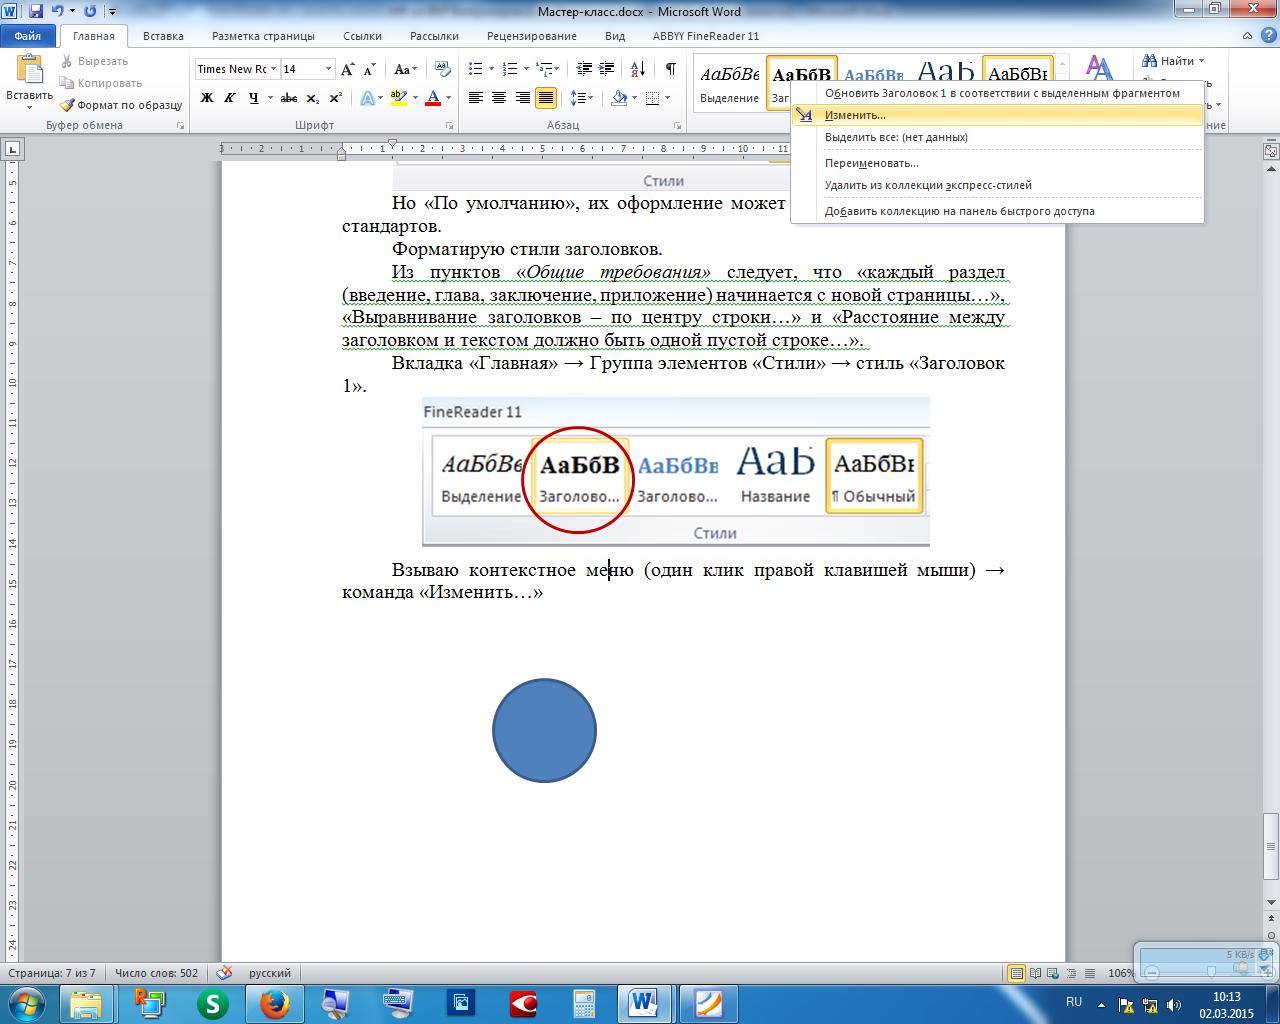 Как сделать на 1 странице 2 страницы в ворде 2010